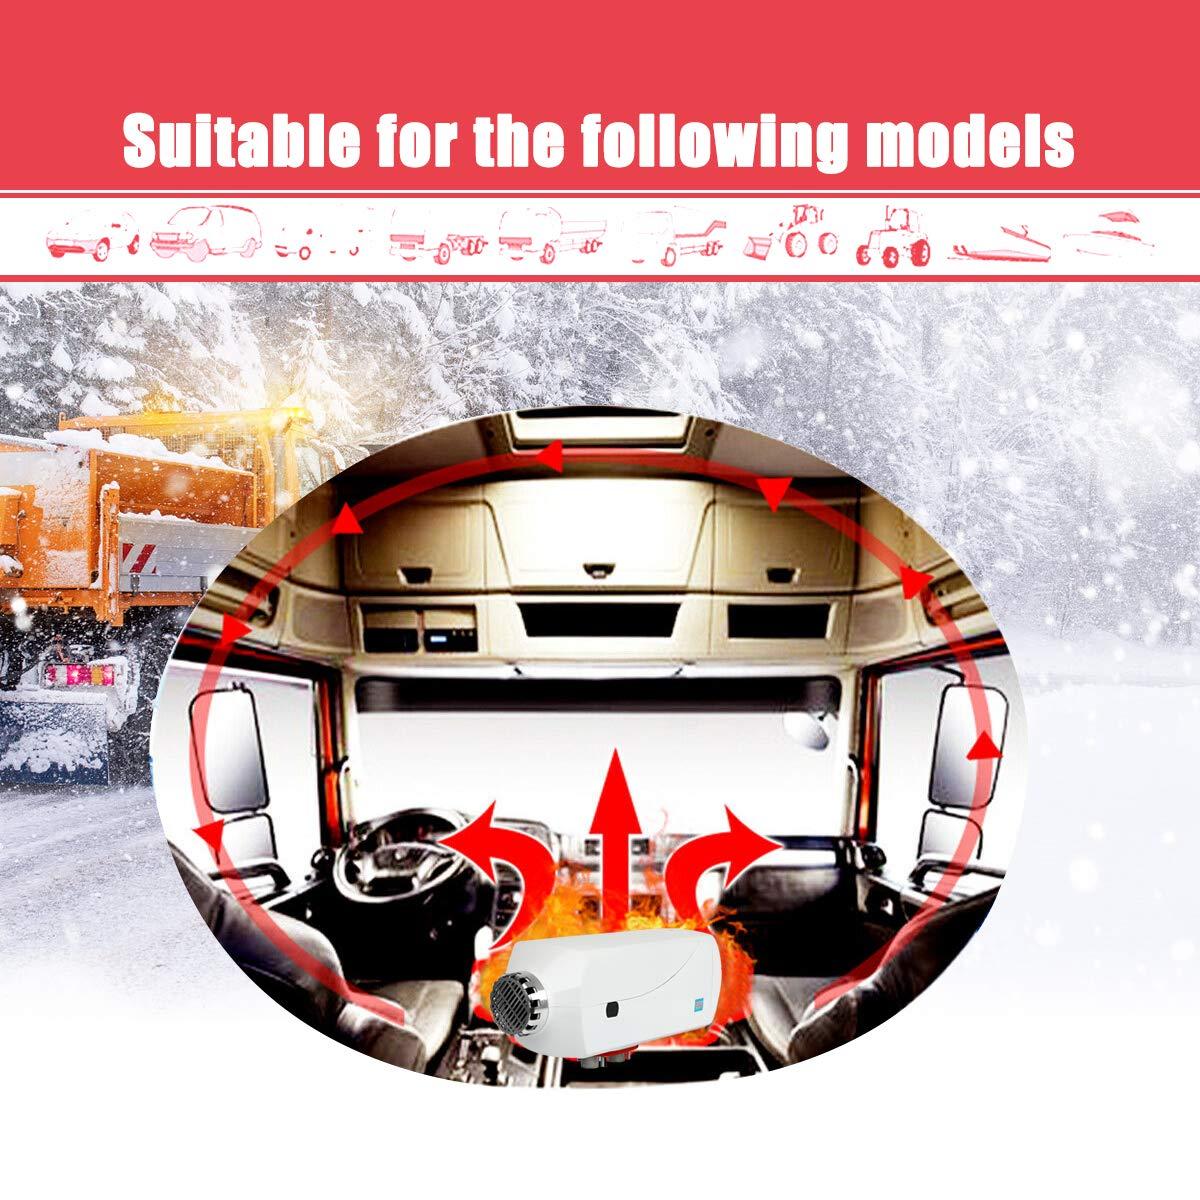 Green Triclicks Riscaldatore di Parcheggio ad Aria Diesel 5KW 12V,Aerotermo per Interni con Monitor LCD Remoto per Camper,Roulotte,Camion,Barche